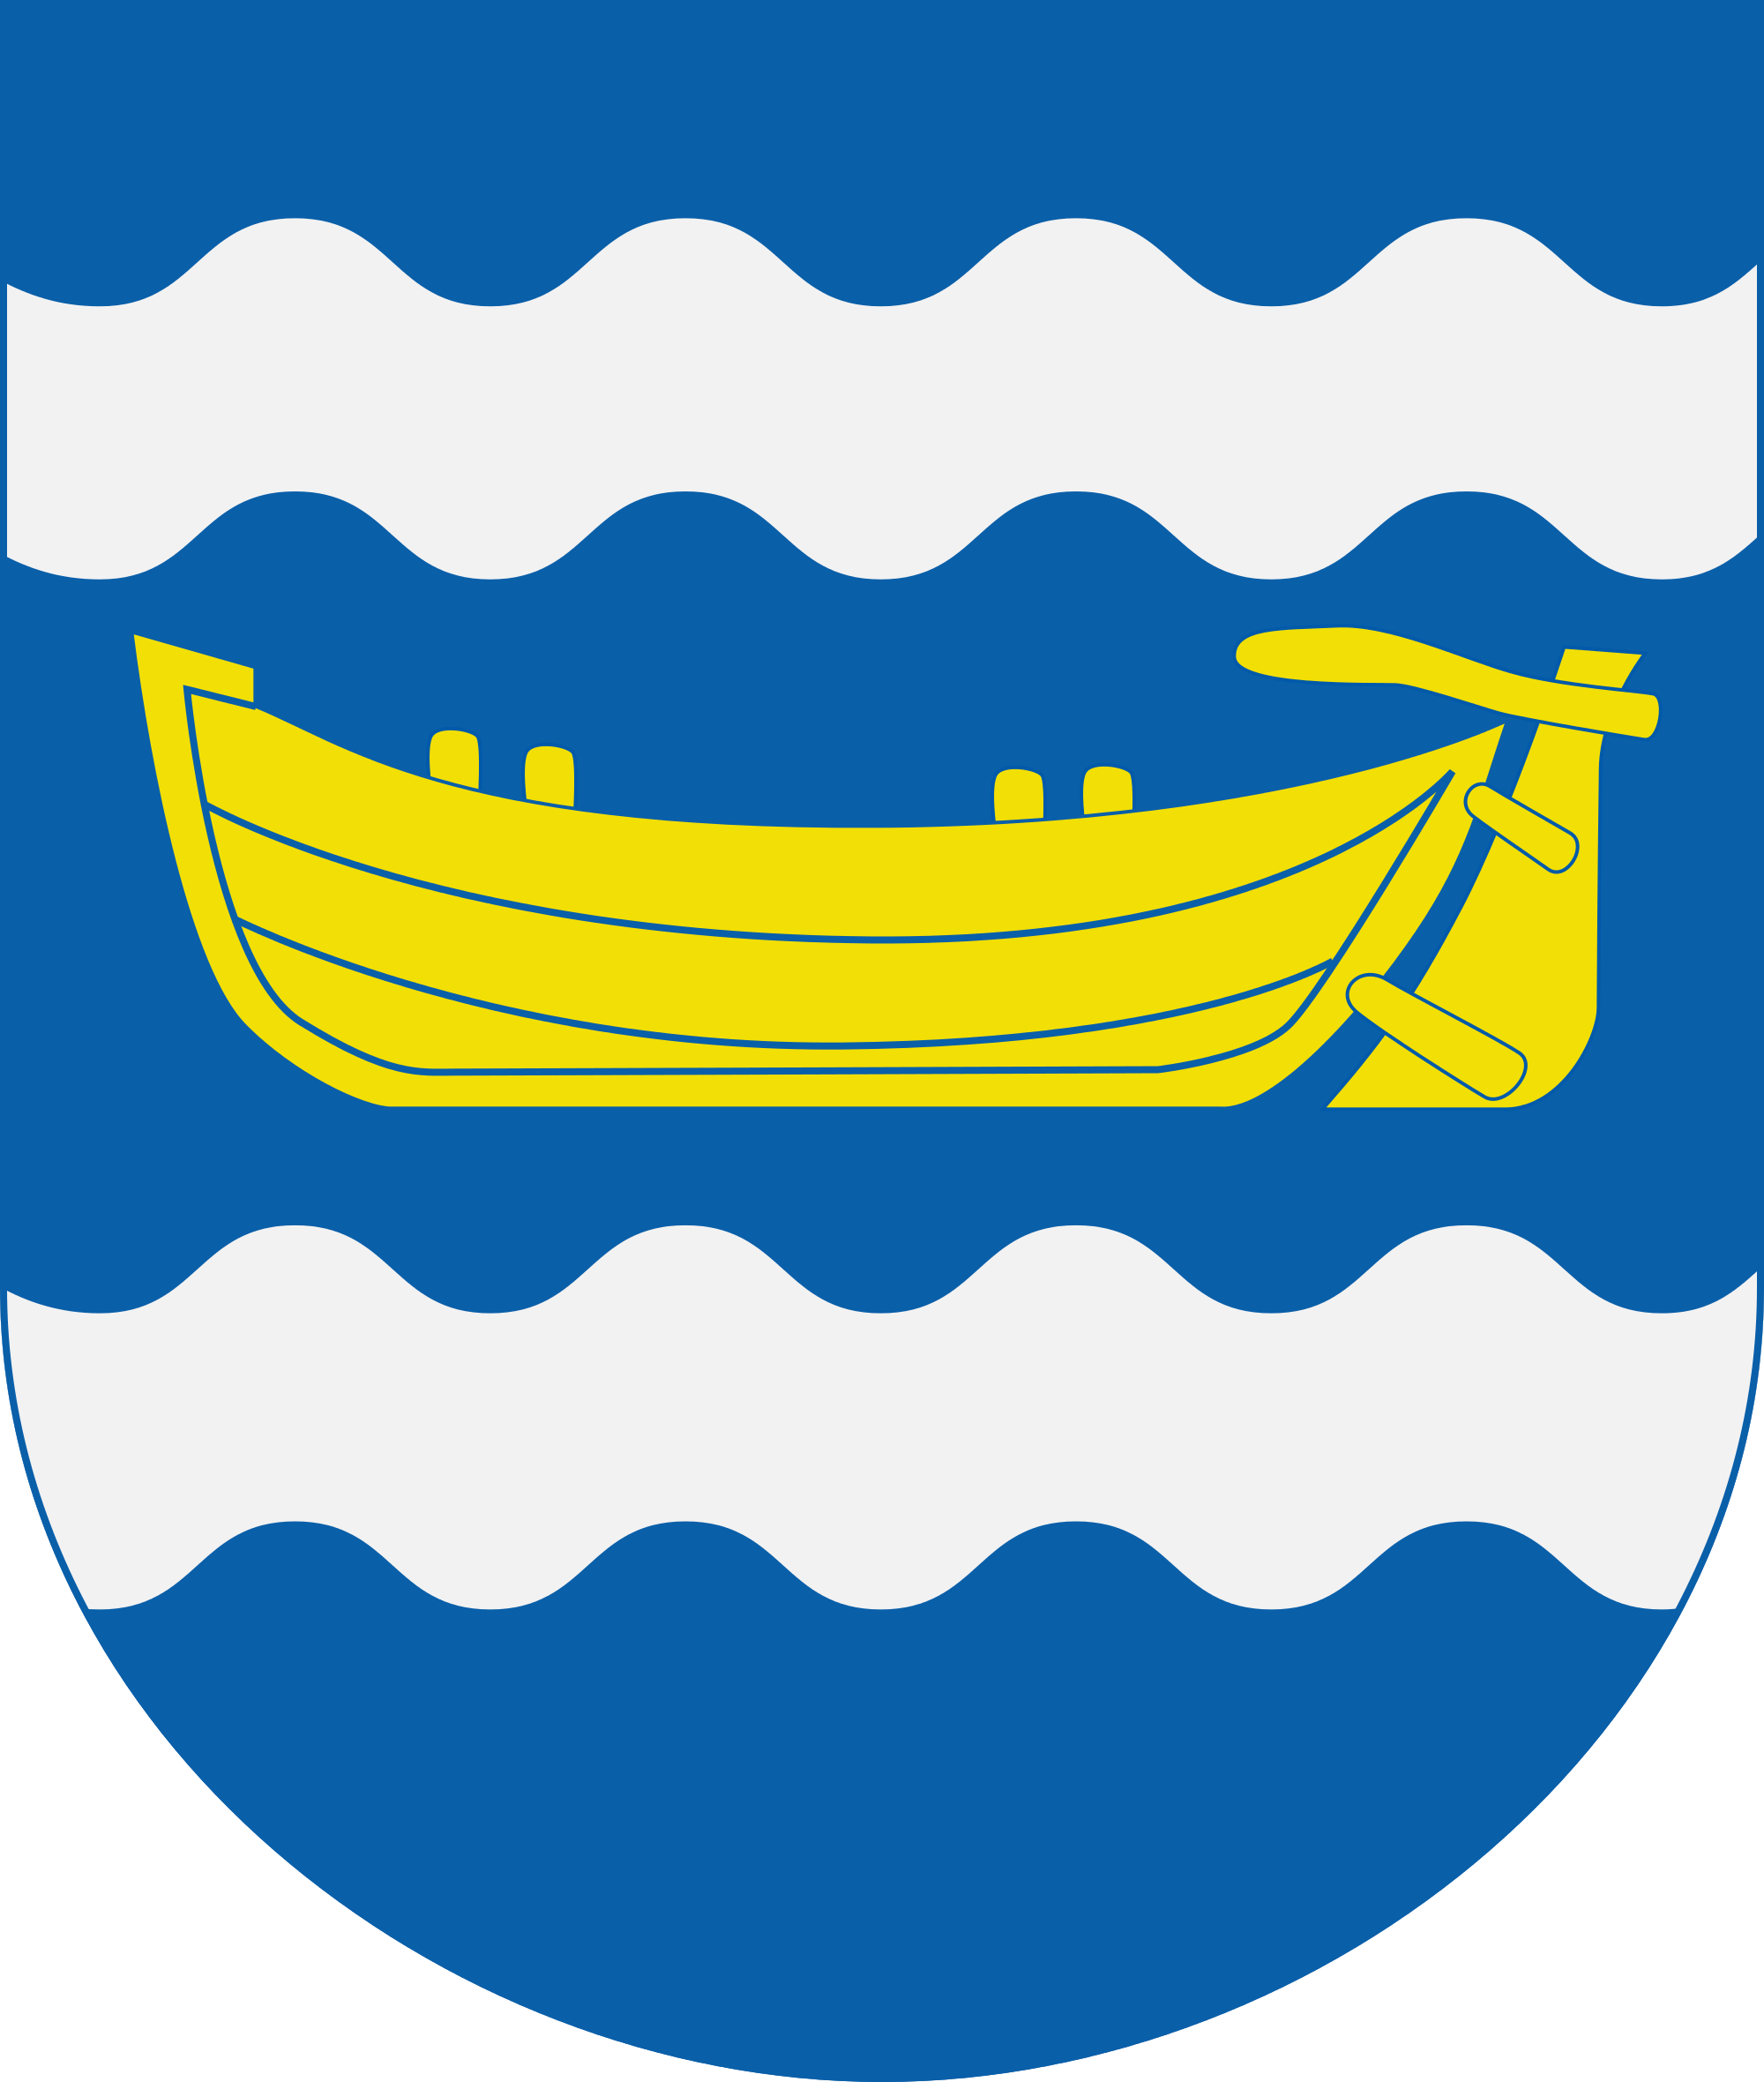 Uusimaa/Nyland